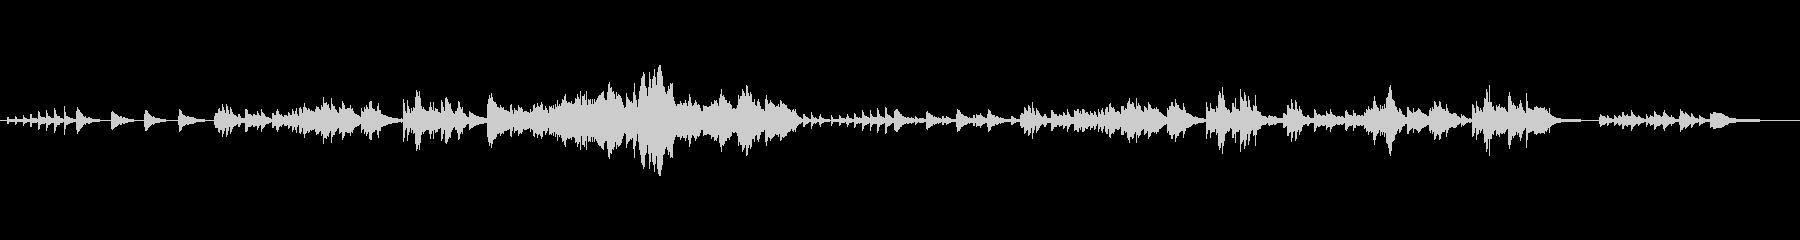 ピアノソロ 静か 感謝の未再生の波形